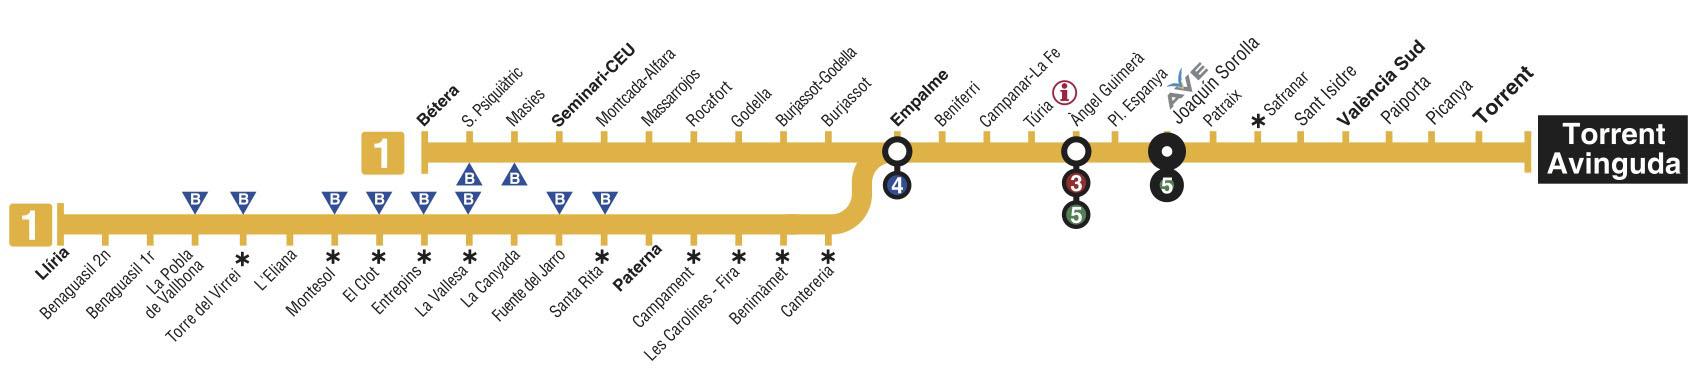 Recorrido esquemático, paradas y correspondencias Línea 1: Bétera - Villanueva Castellón